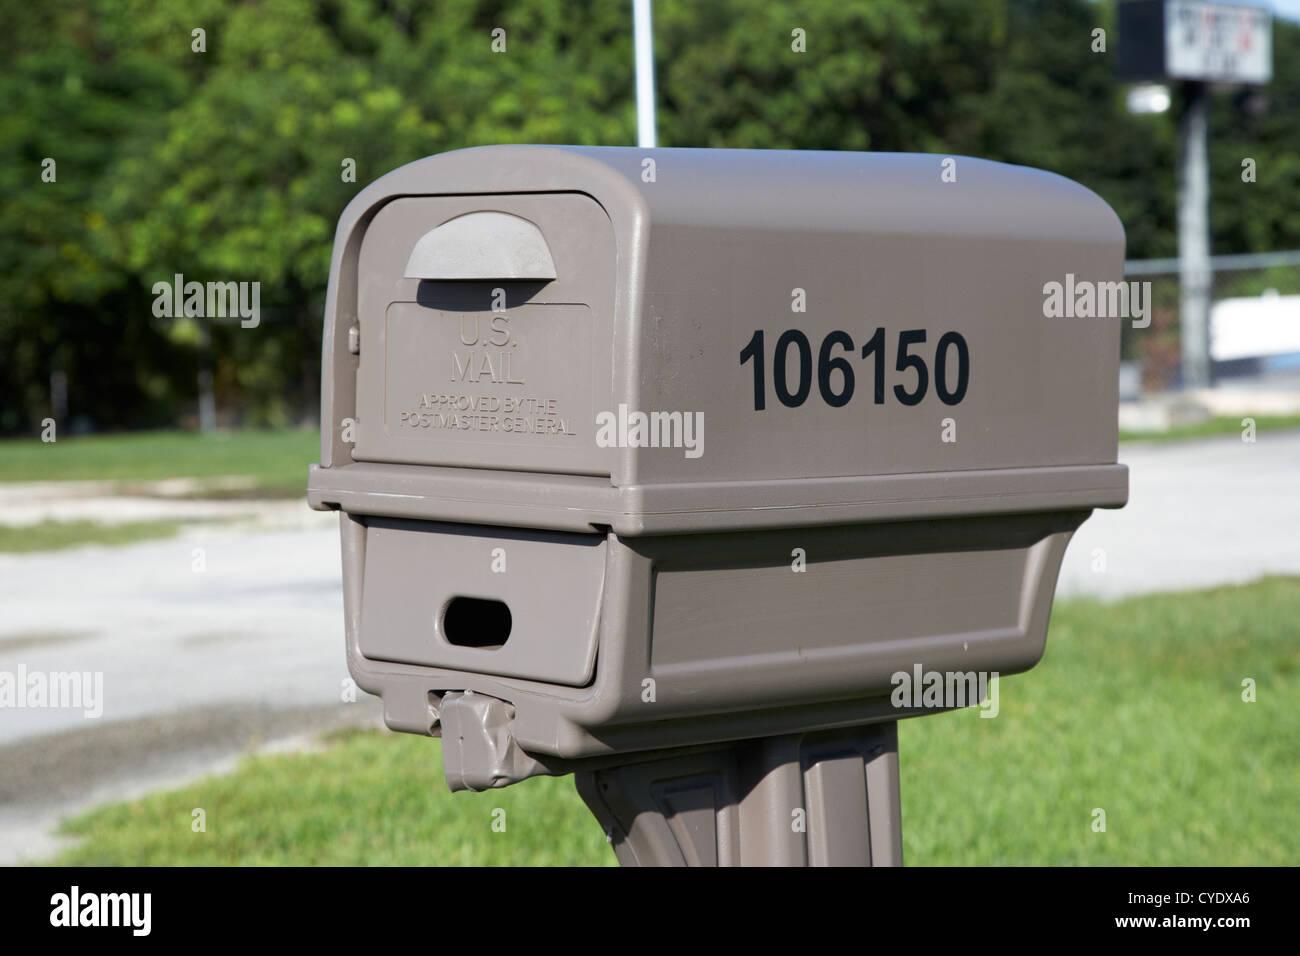 Plastica a buon mercato usa mail mailbox doppia usa Immagini Stock